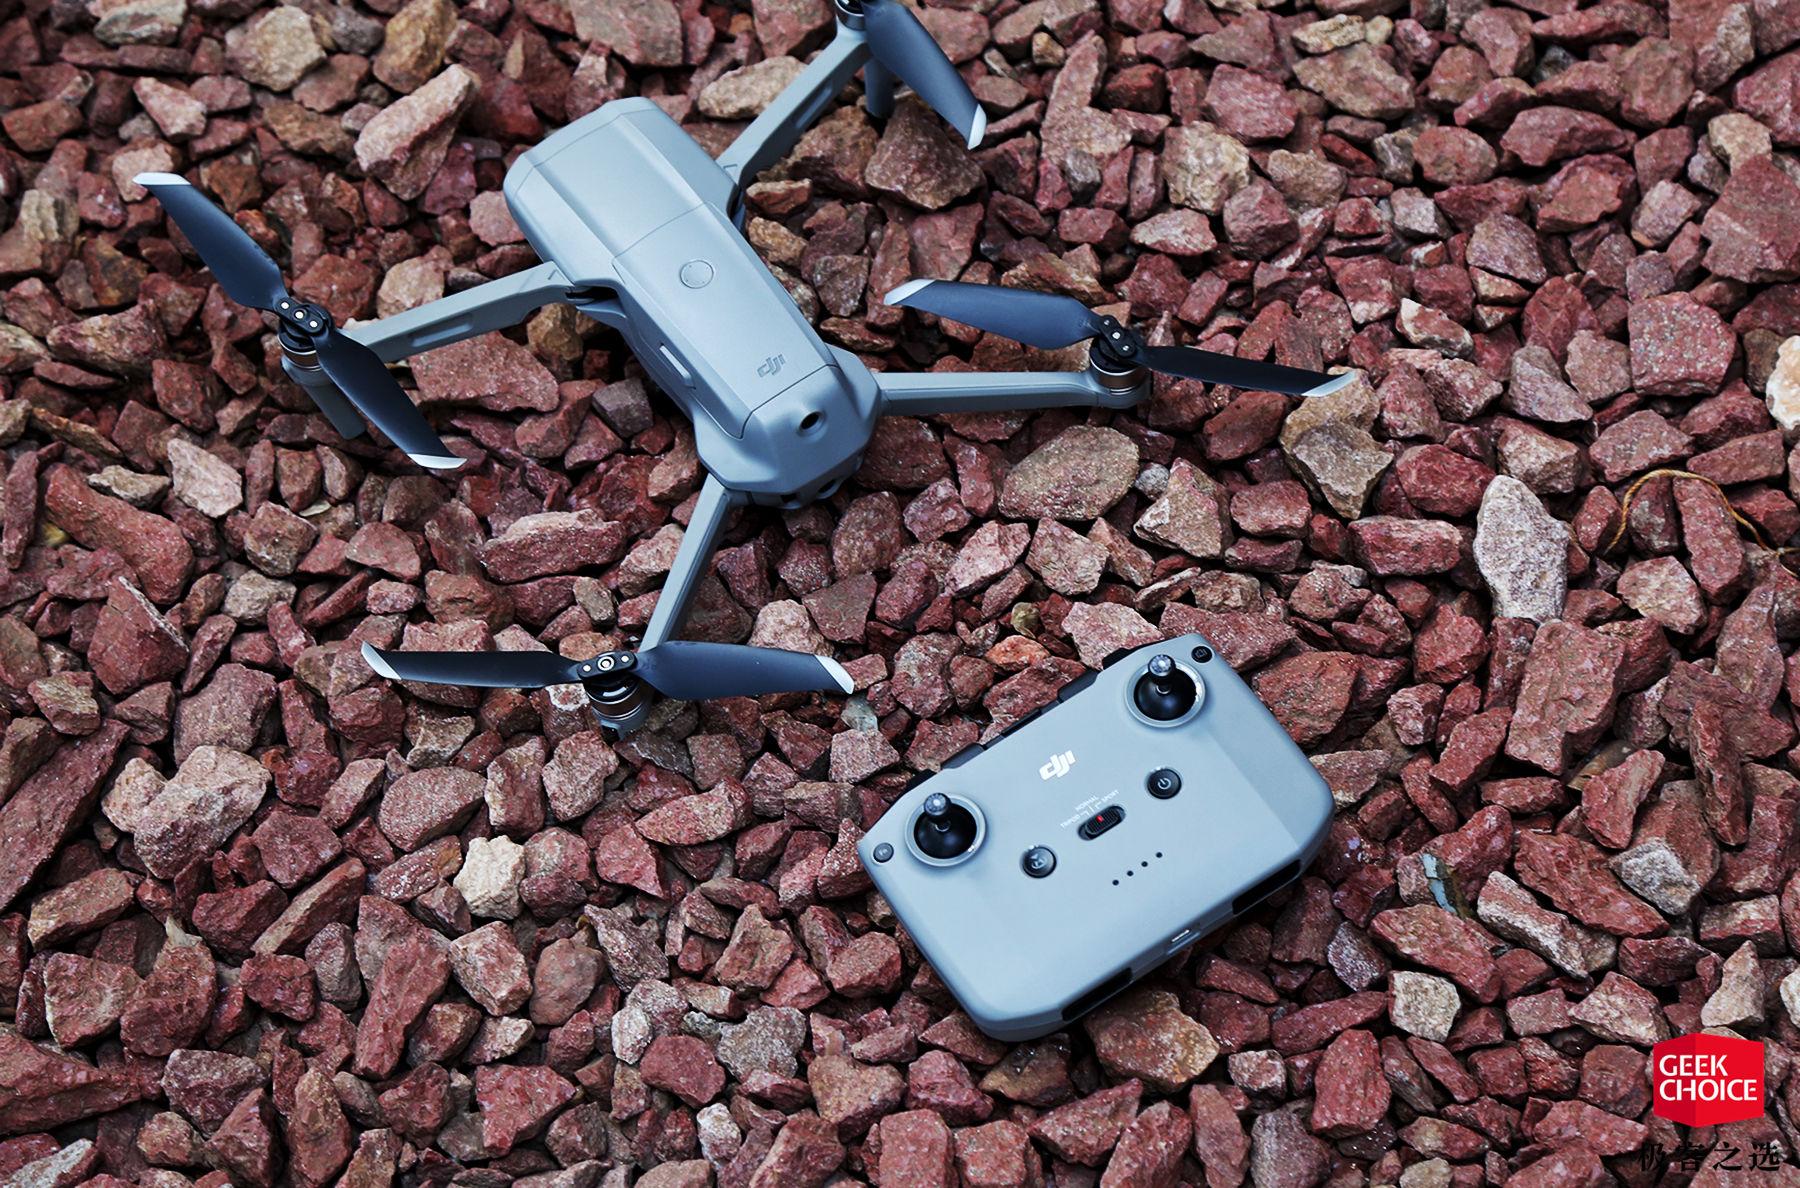 即使是菜鸟,天博体育网这款聪明的无人机也能让你变身航拍老炮 (/) 公司新闻 第21张